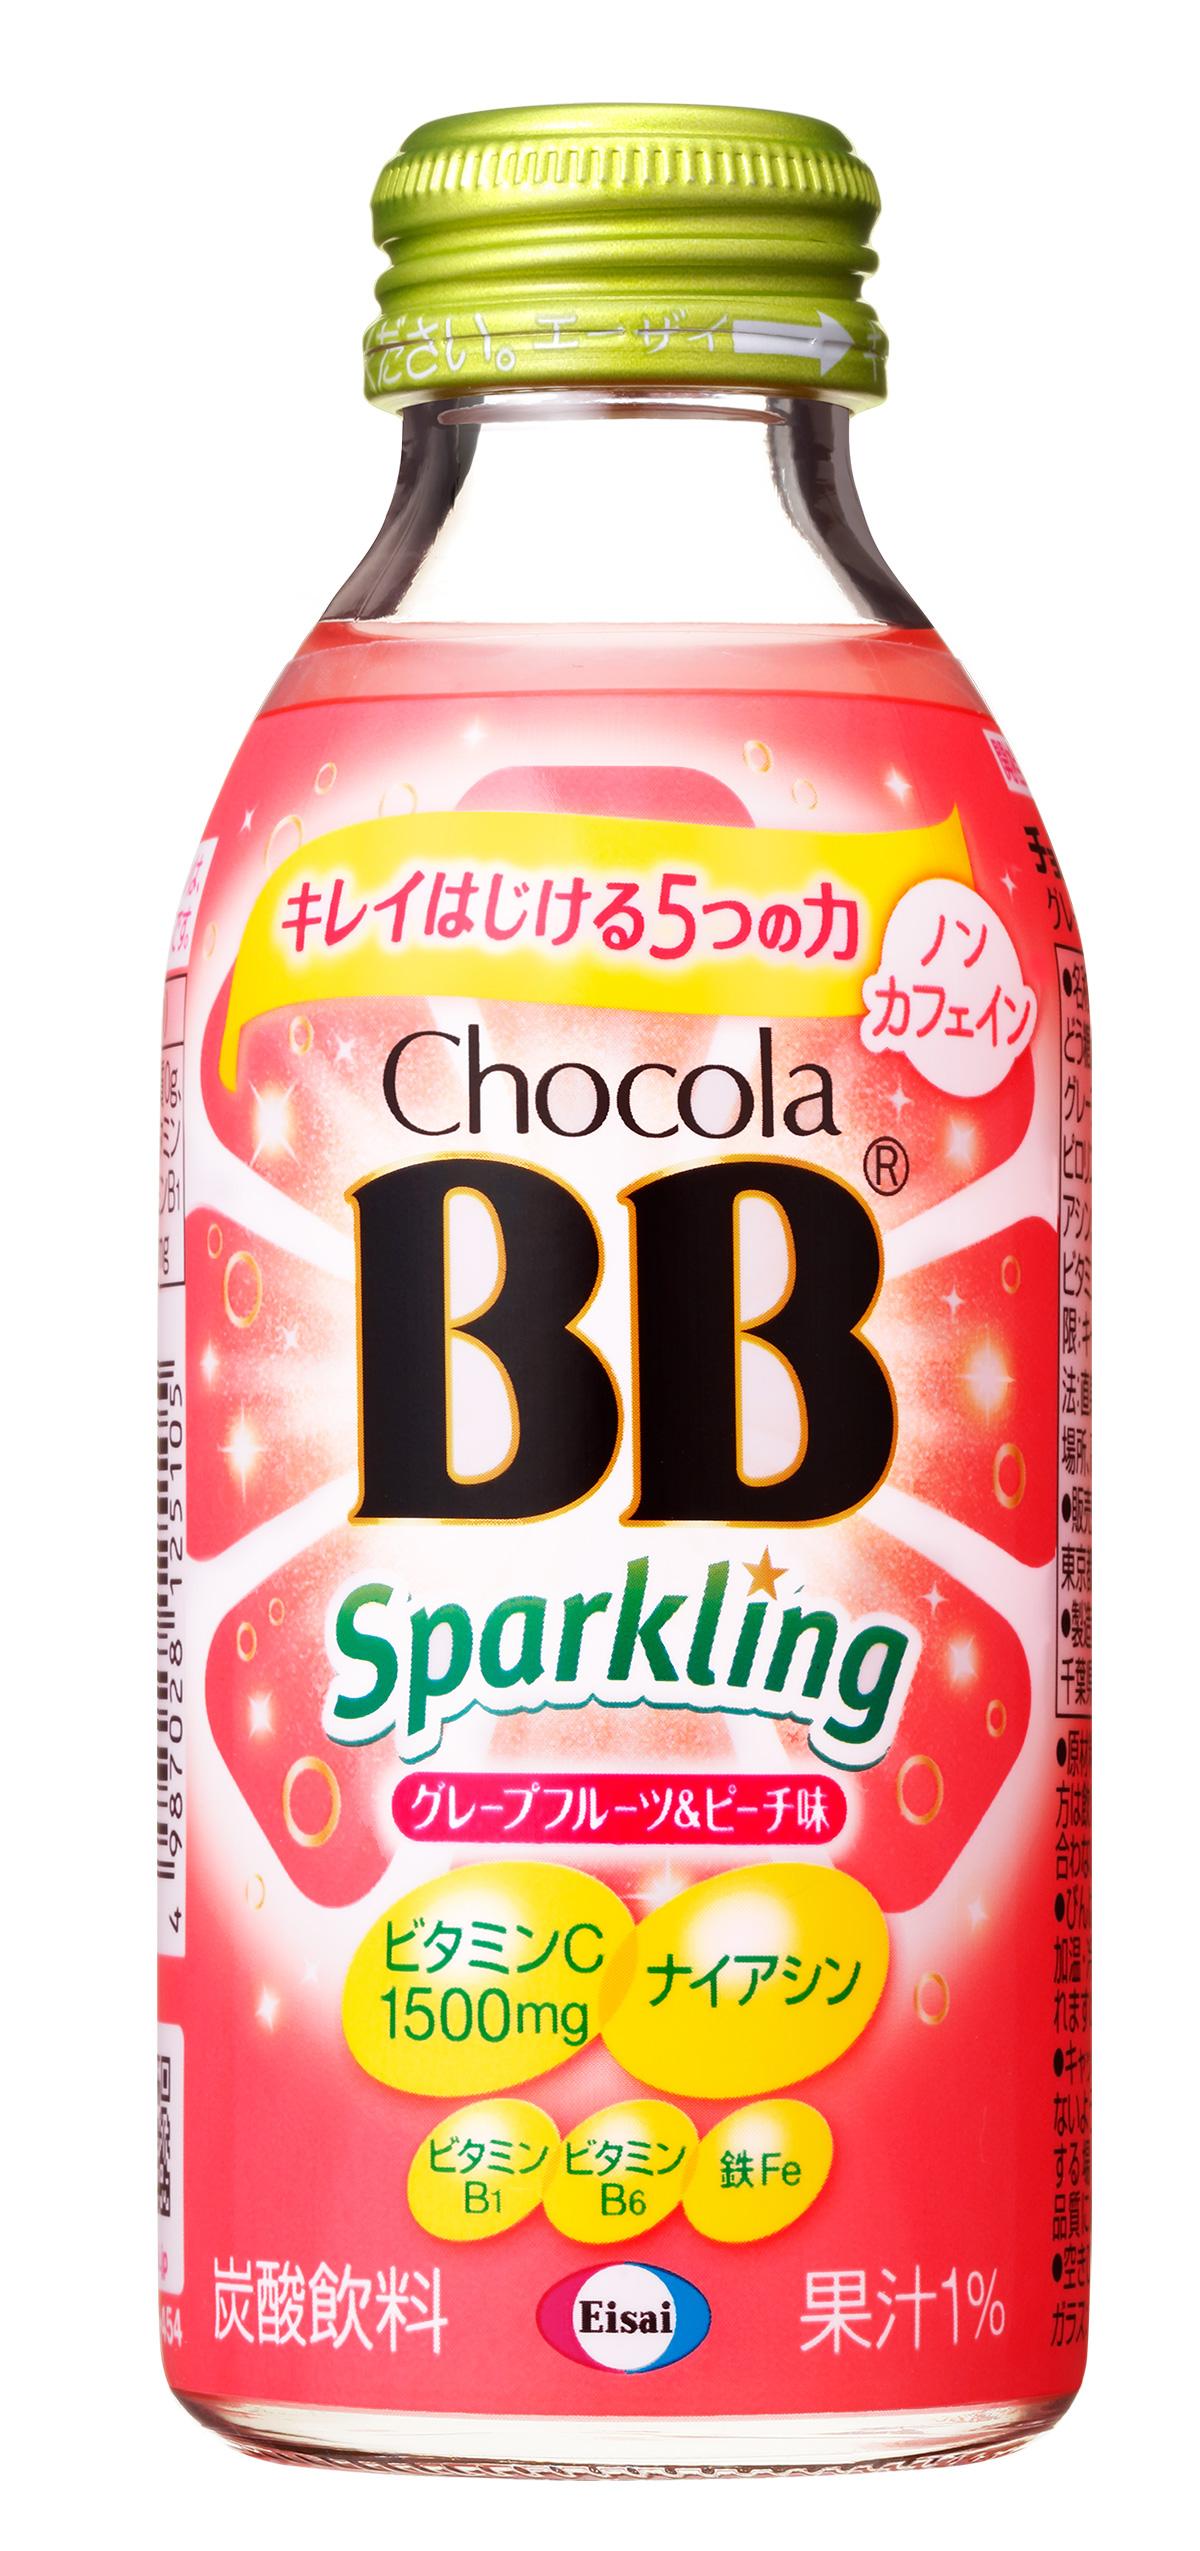 チョコラ bb キャンペーン 「チョコラBB(R) Feチャージ」、5月15日(月)リニューアル新発売